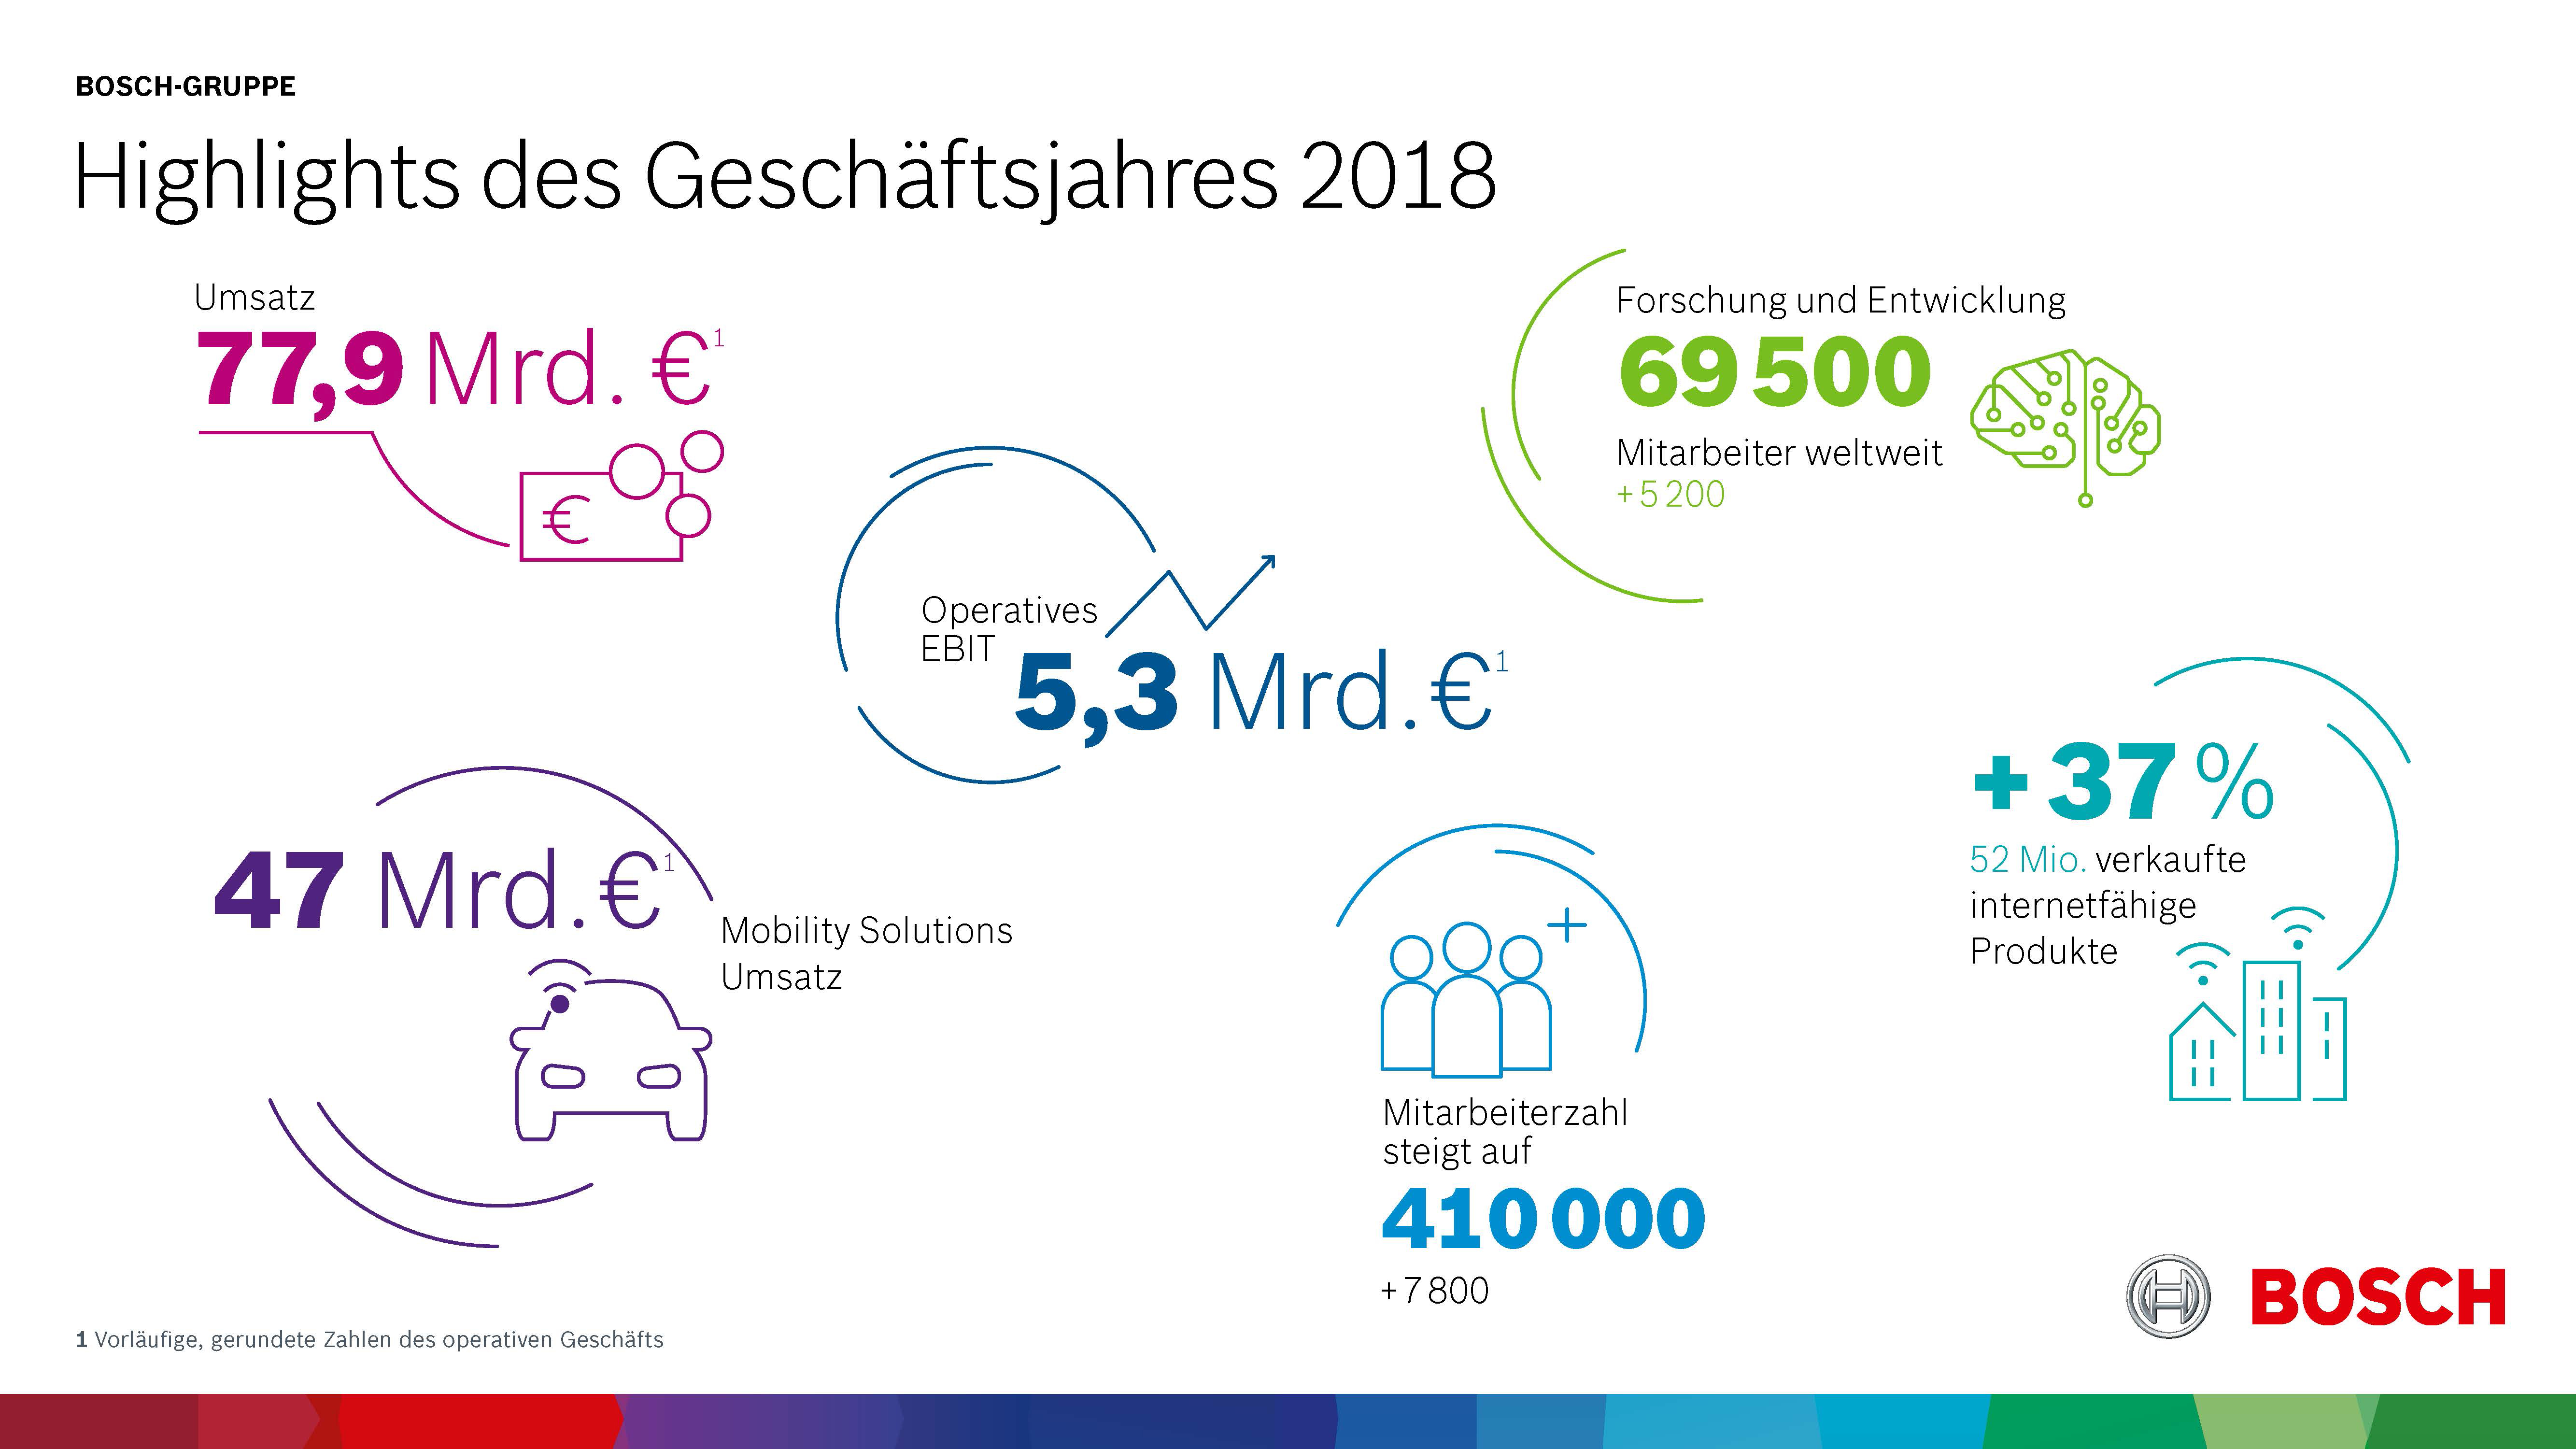 Highlights des Geschäftsjahres 2018